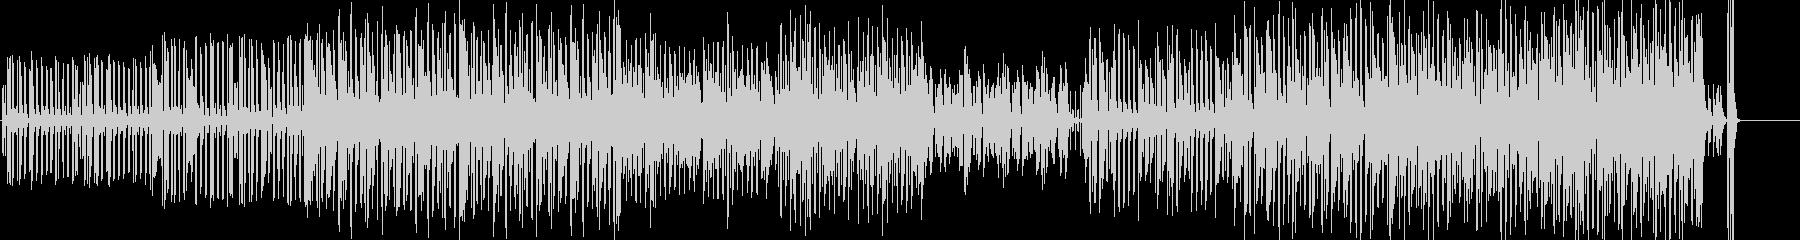 ■オカリナ・ピッコロ 軽快でポップな曲の未再生の波形